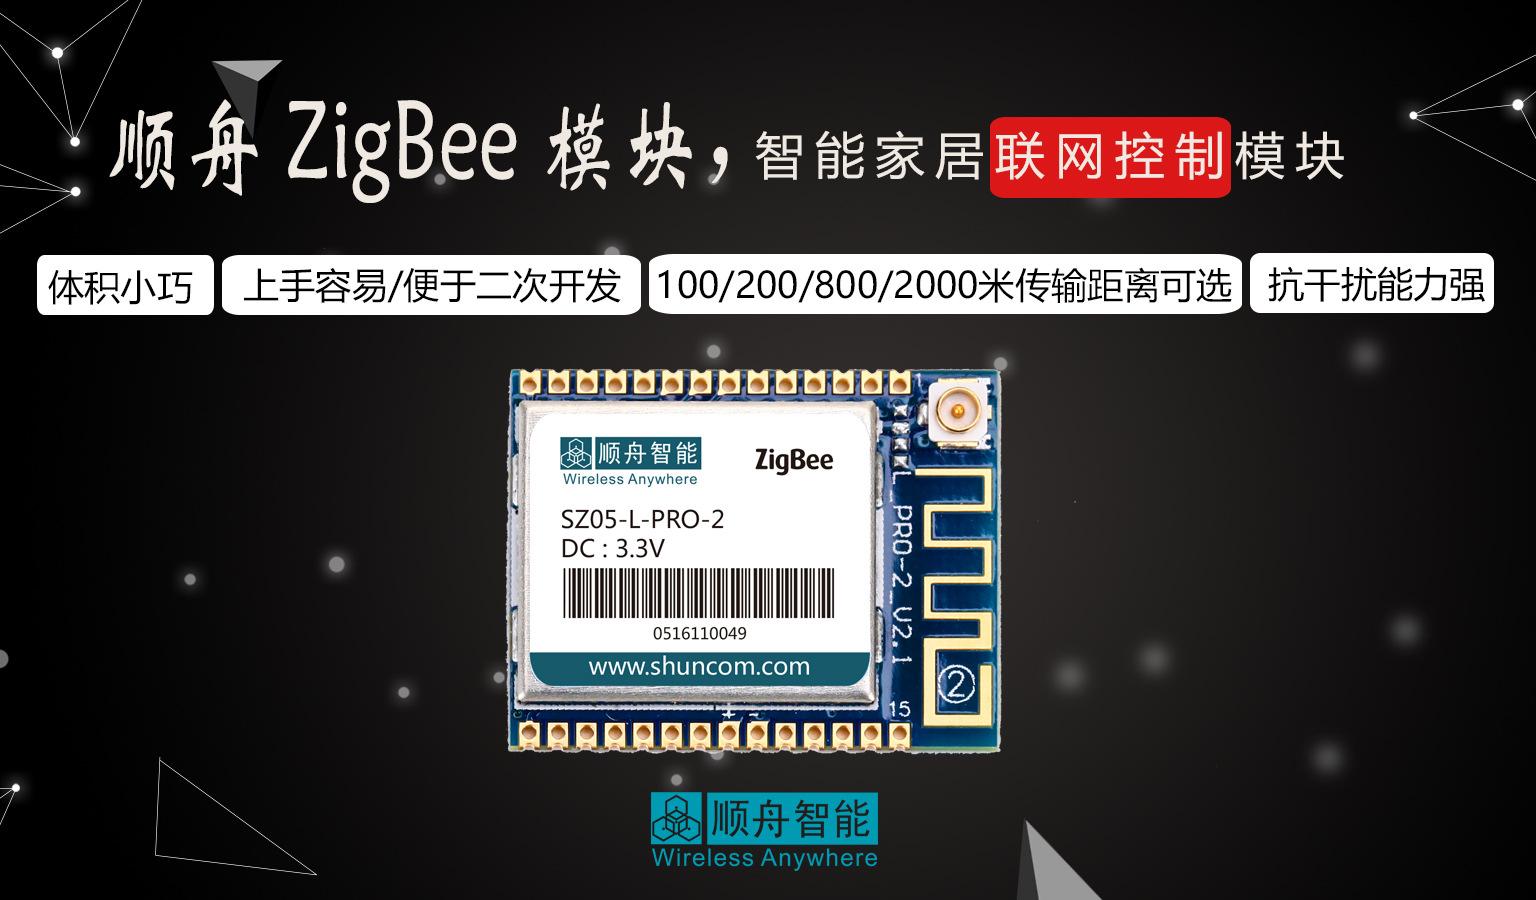 无线智能家居联网模块 ZigBee智能家居控制系统 低功耗zigbee模块示例图2